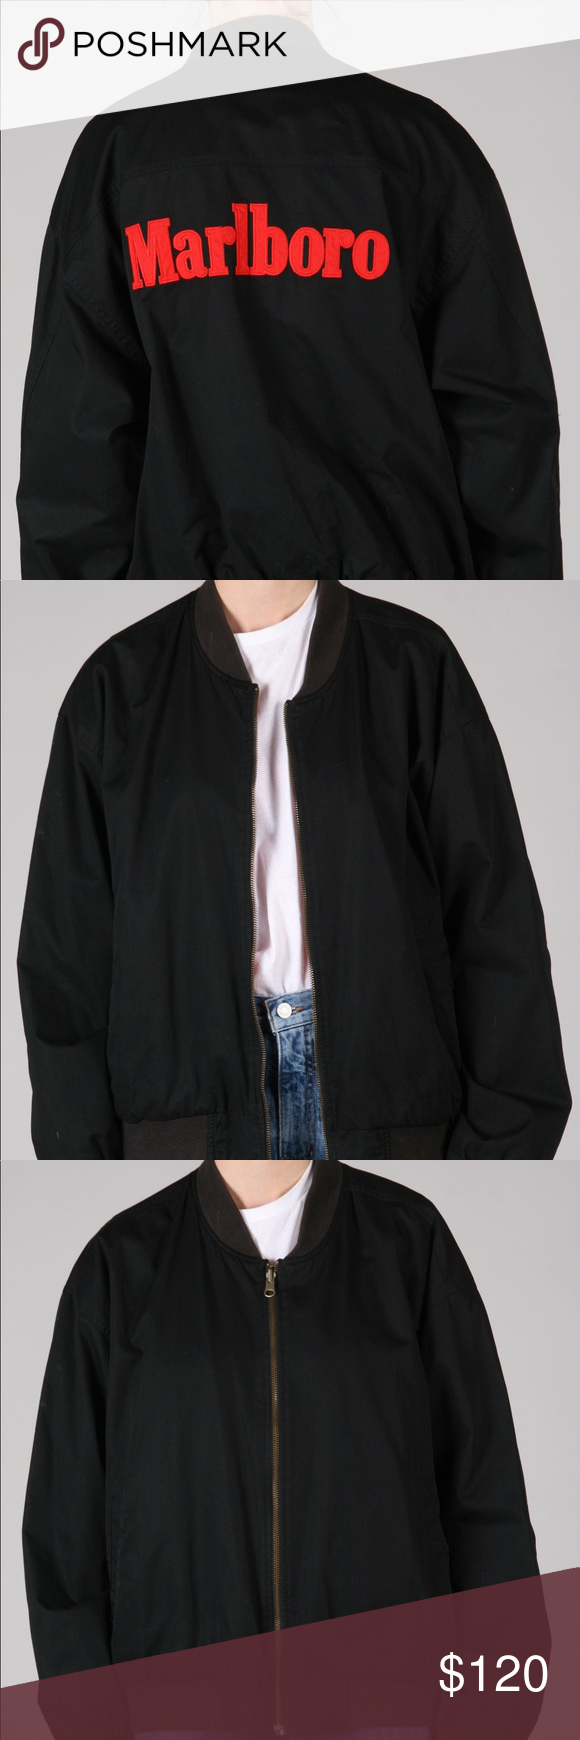 Vintage Marlboro Reversible Bomber Jacket Bomber Jacket Vintage Jacket Jackets